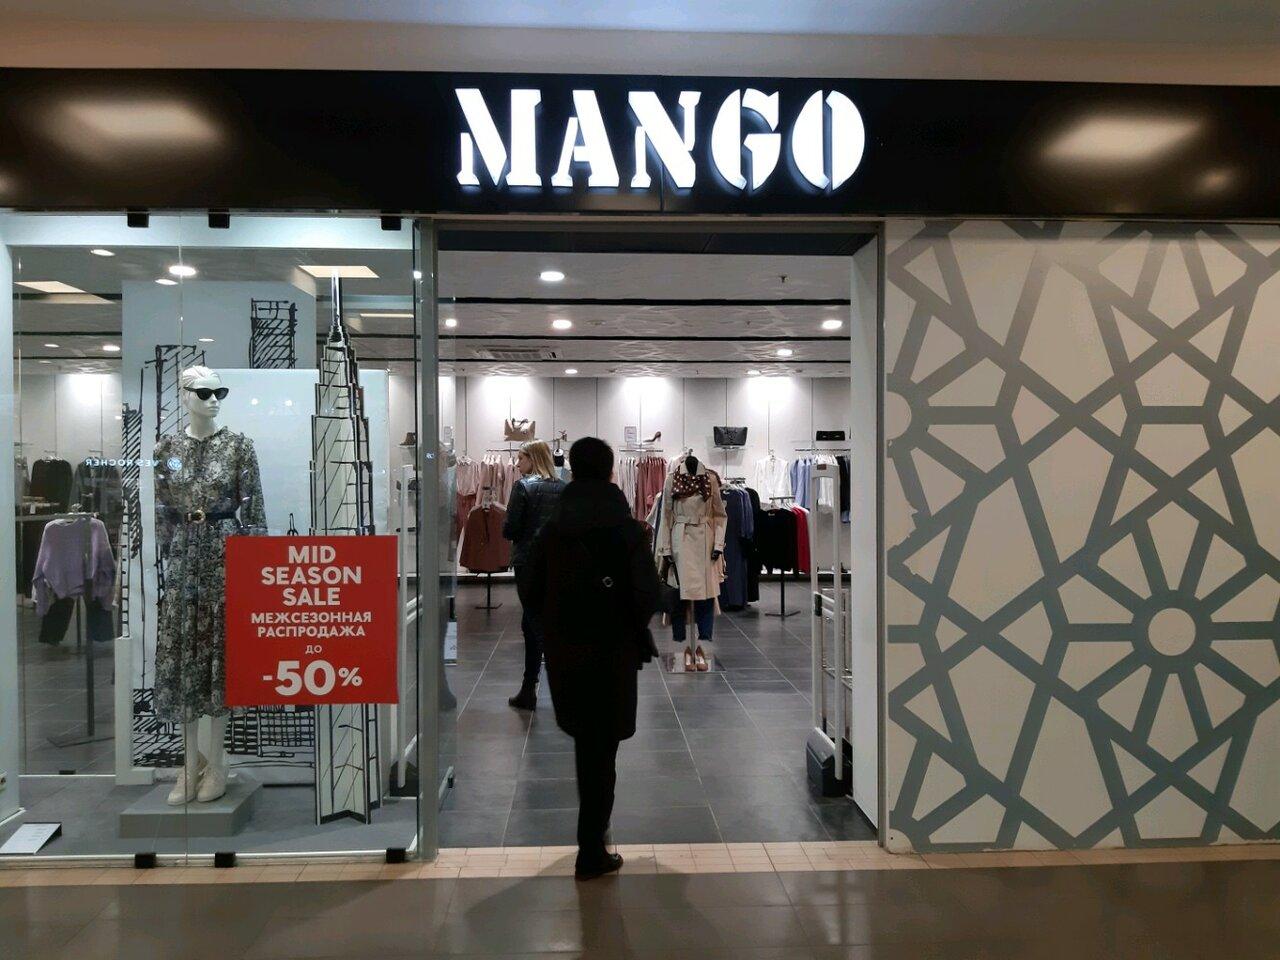 кларк создает фото магазина манго в курске долгожители, тому